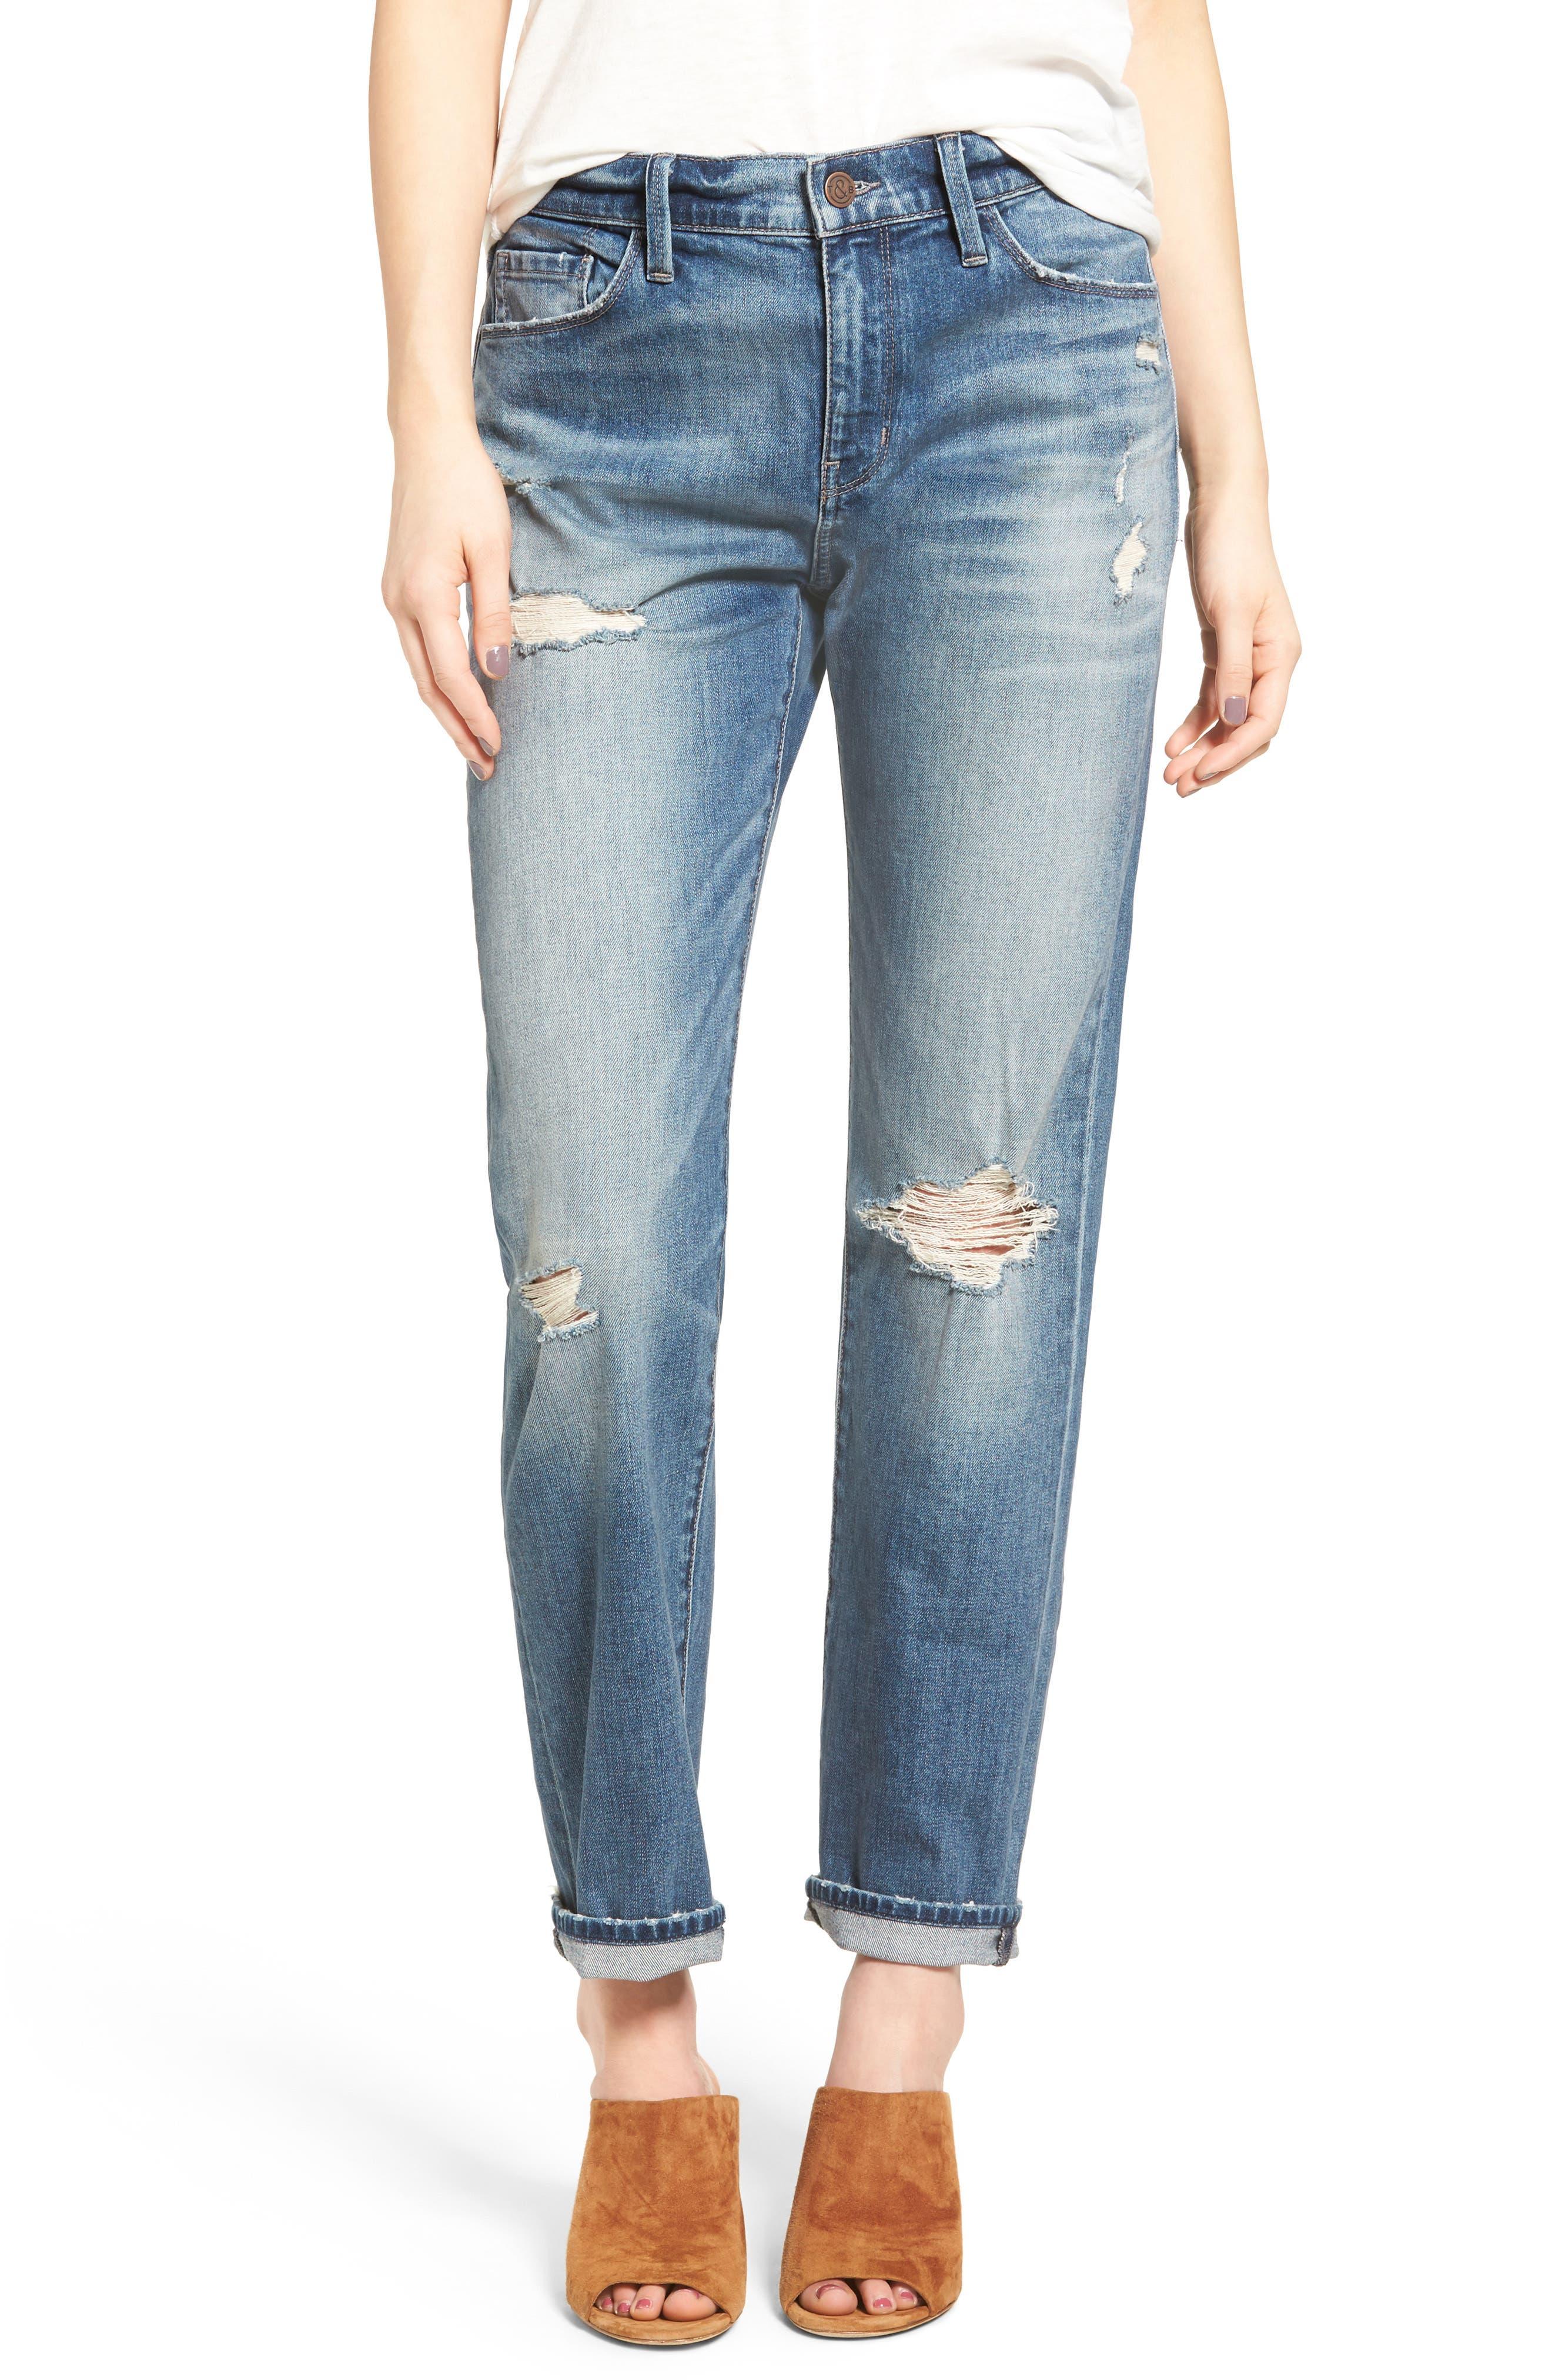 Alternate Image 1 Selected - Treasure & Bond Relaxed Jeans (Gravel Dusk Destroyed)